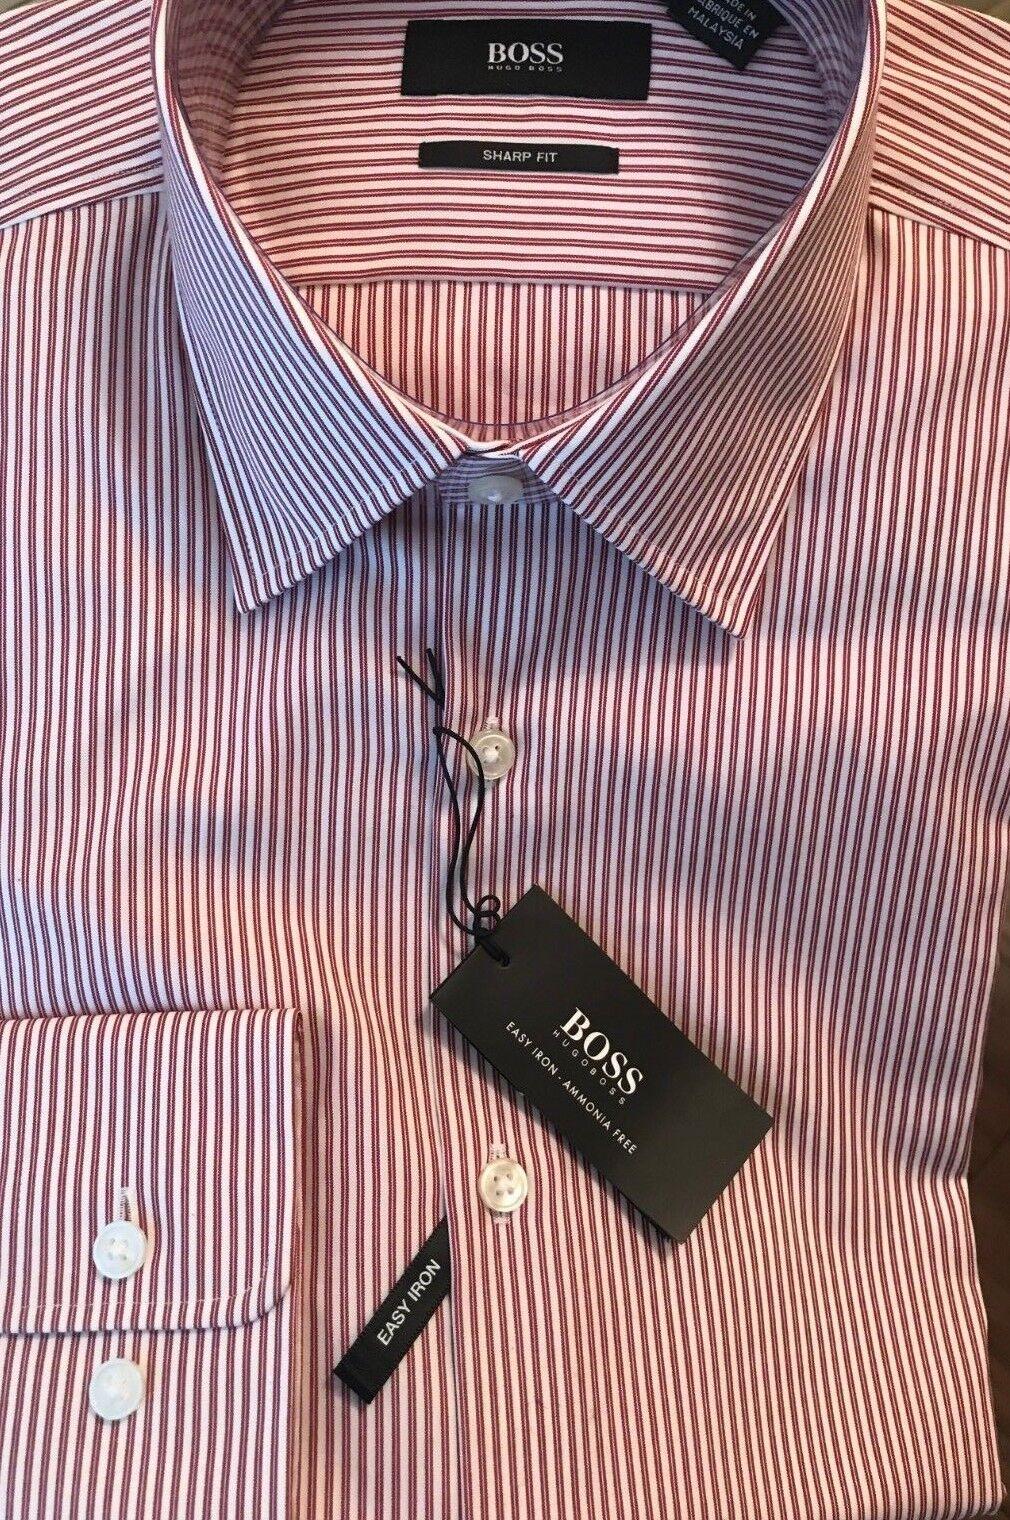 BOSS by Hugo Boss -Sharp Fit Men Shirt - Size 14 1 2 (32 33)